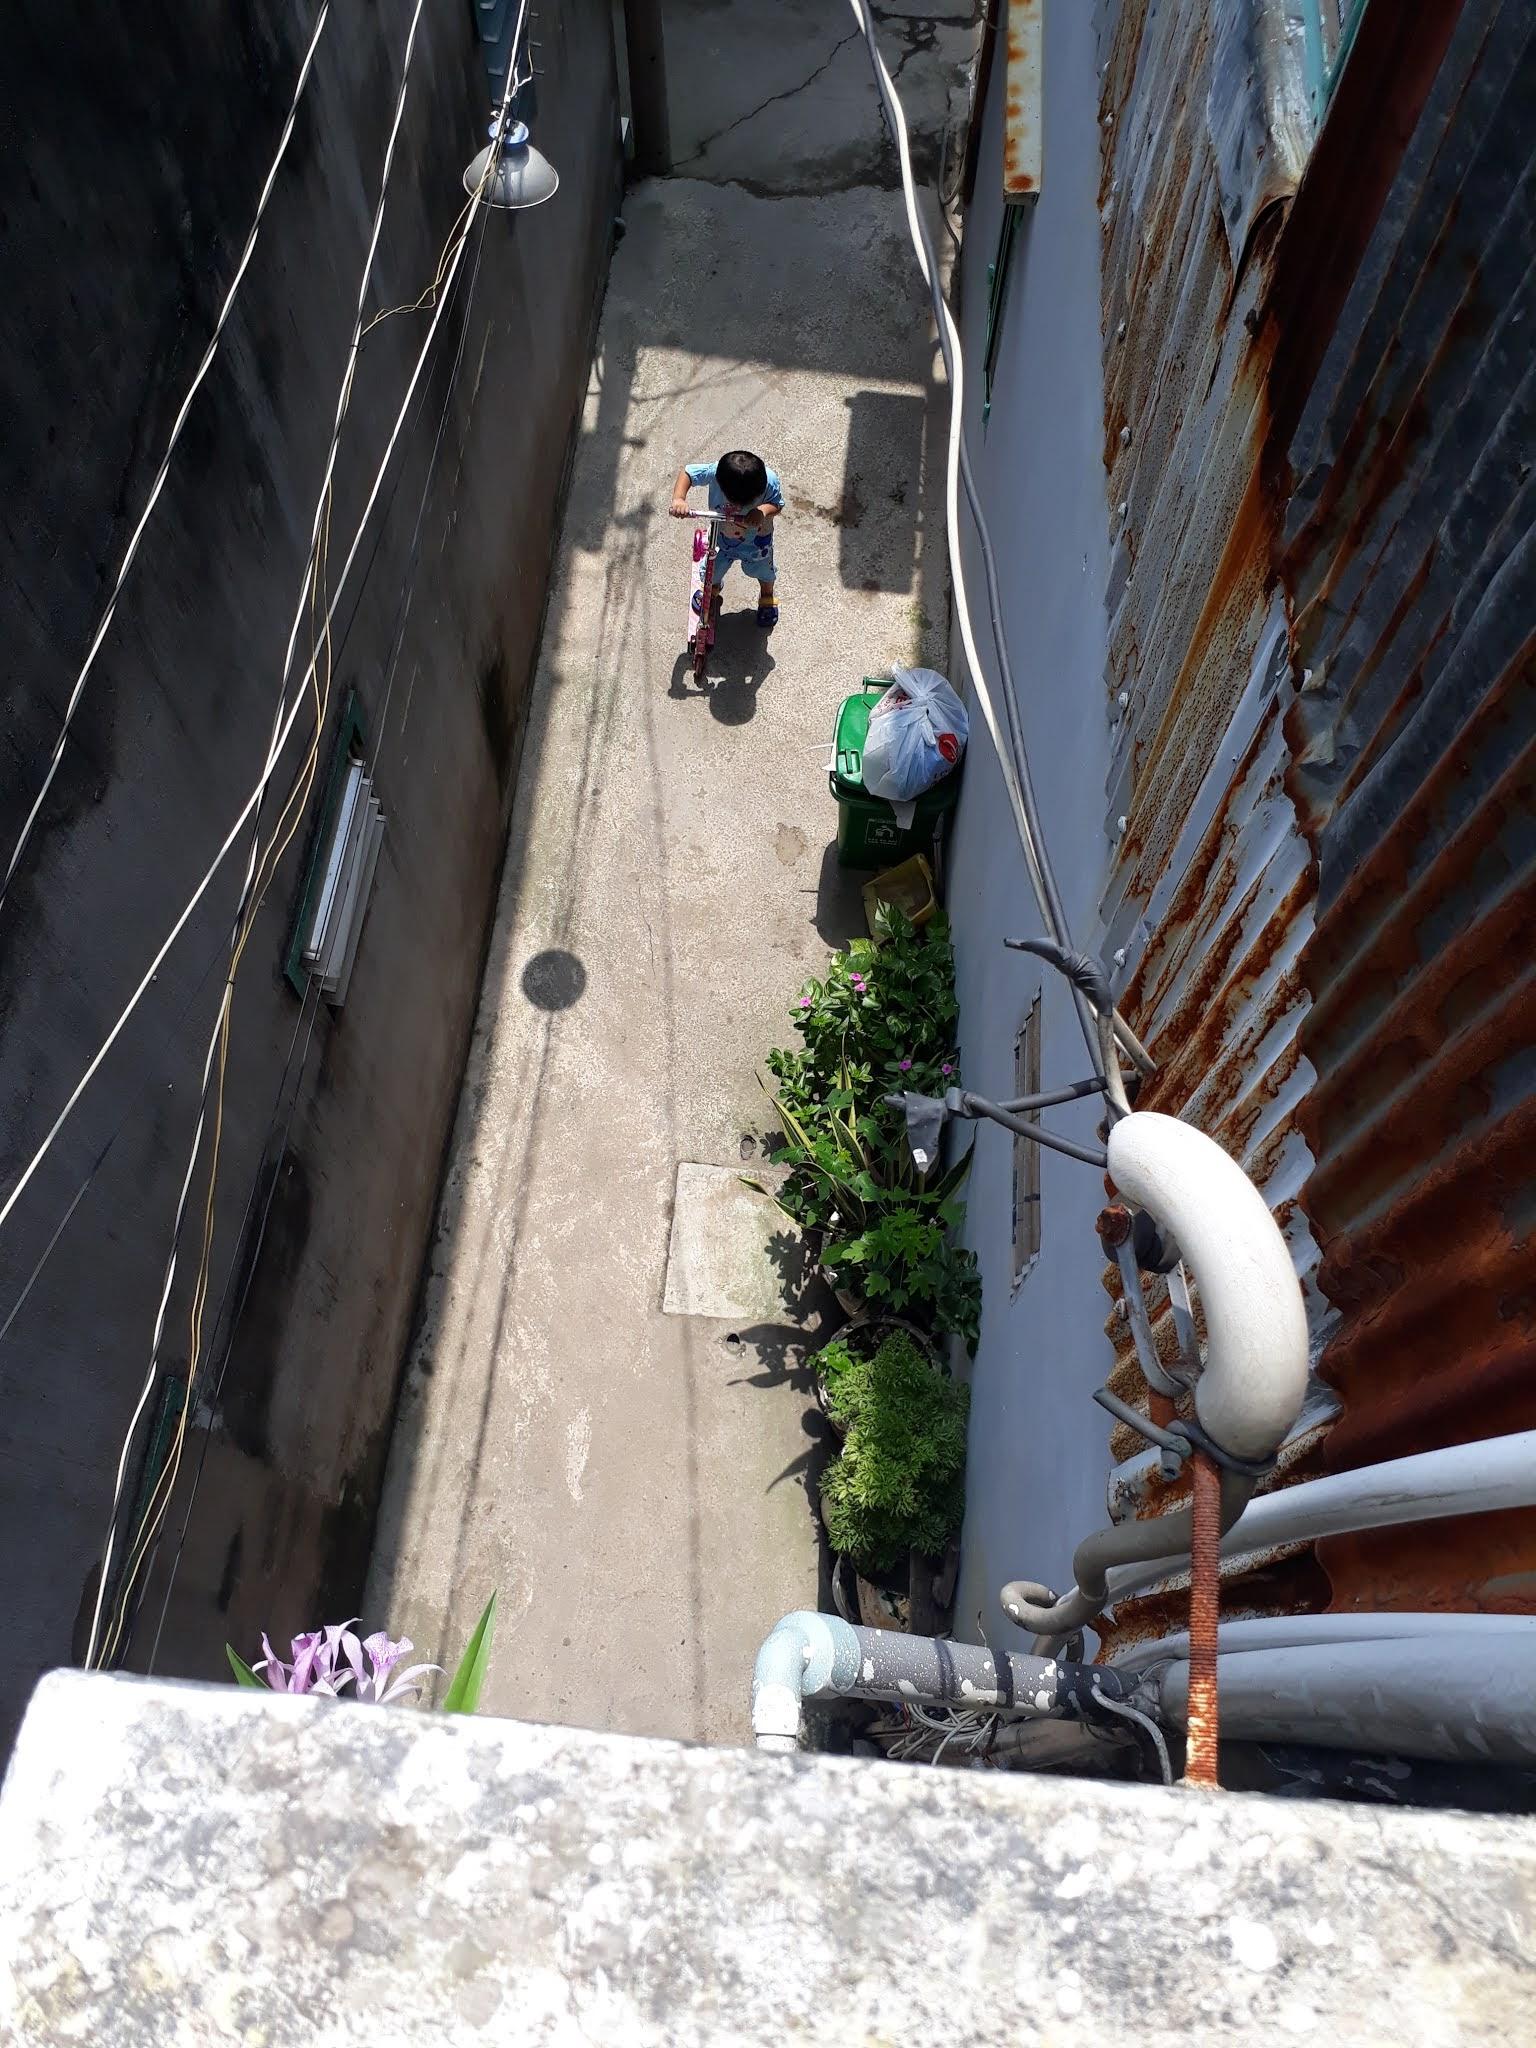 Bán nhà Phạm Hùng nối dài xã Bình Hưng huyện Bình Chánh giá rẻ